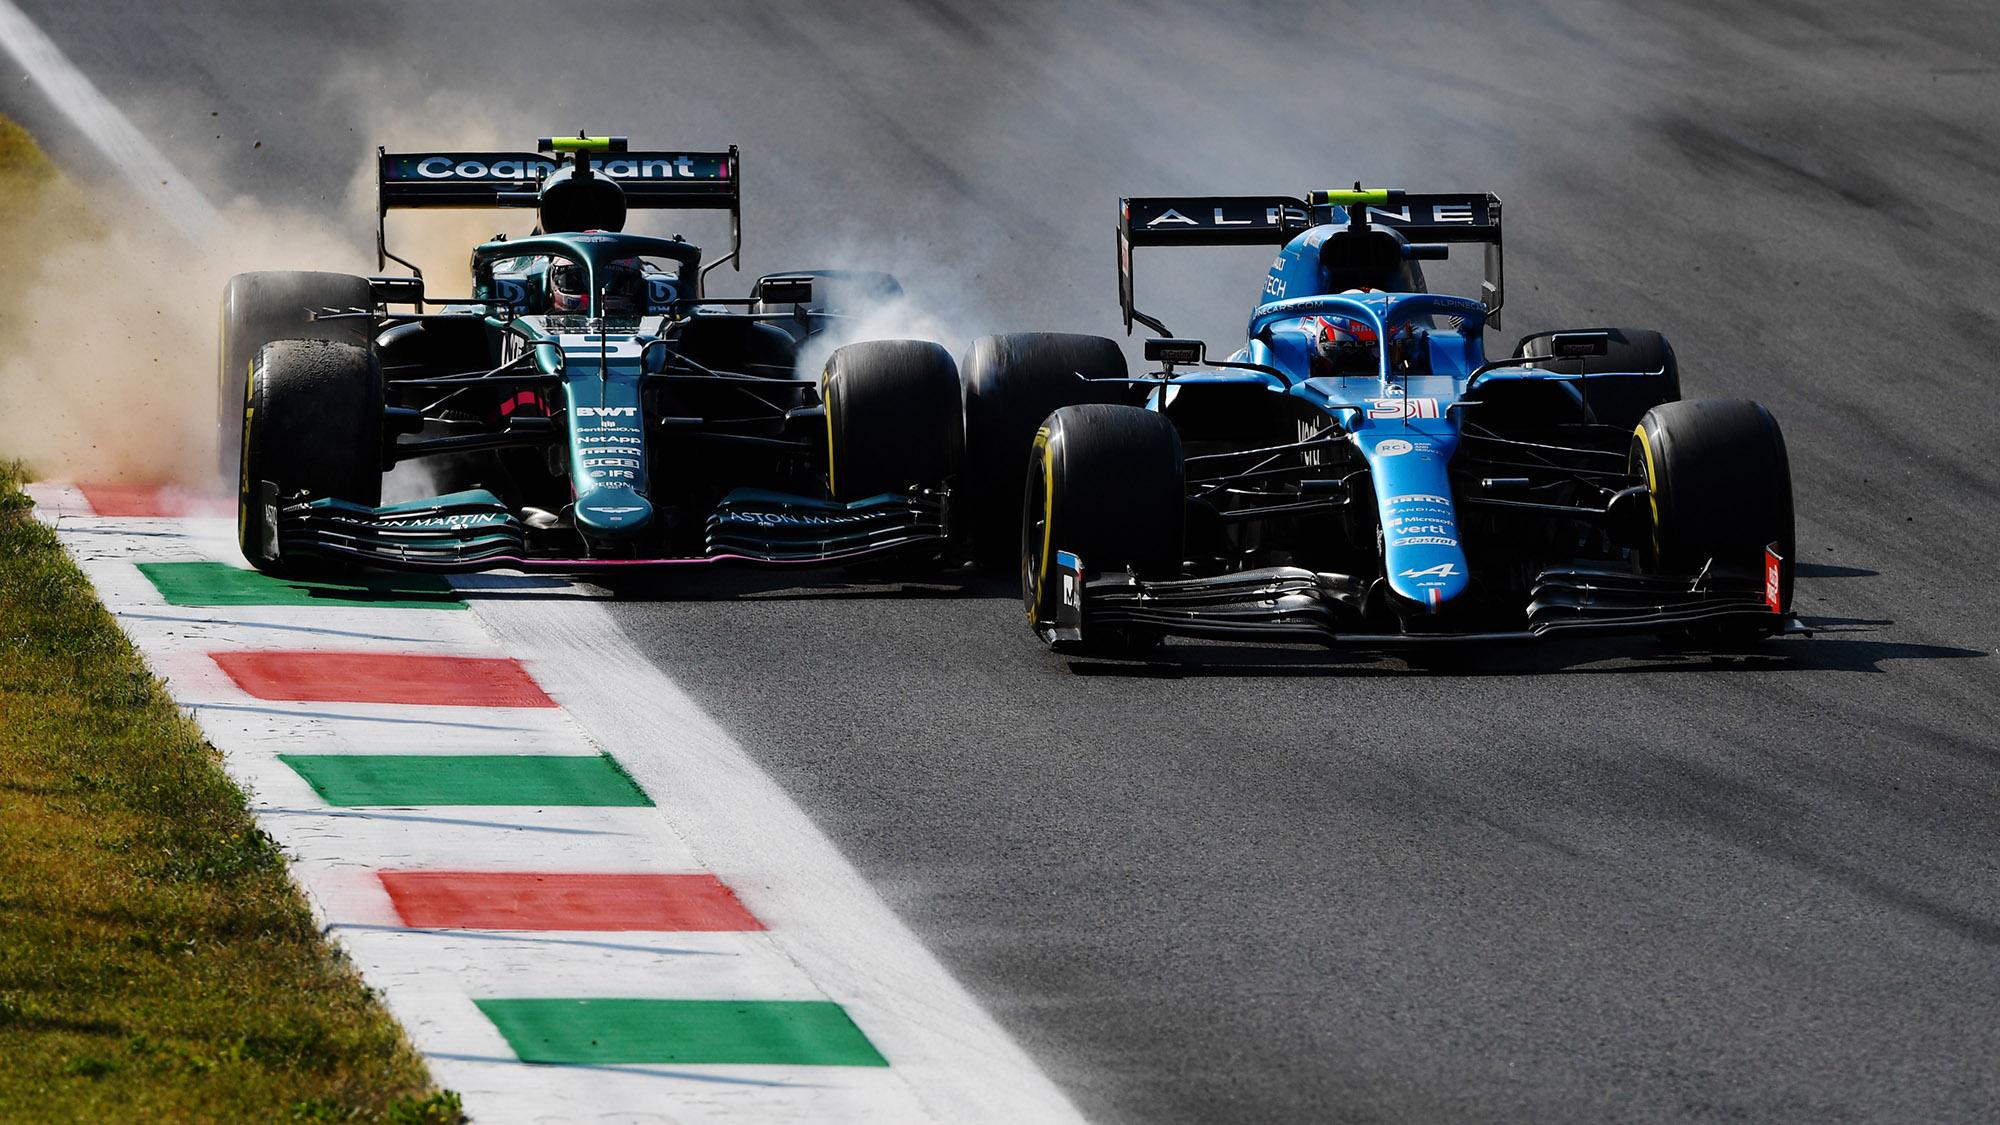 Sebastian Vettel locks up next to Esteban ocon at monza